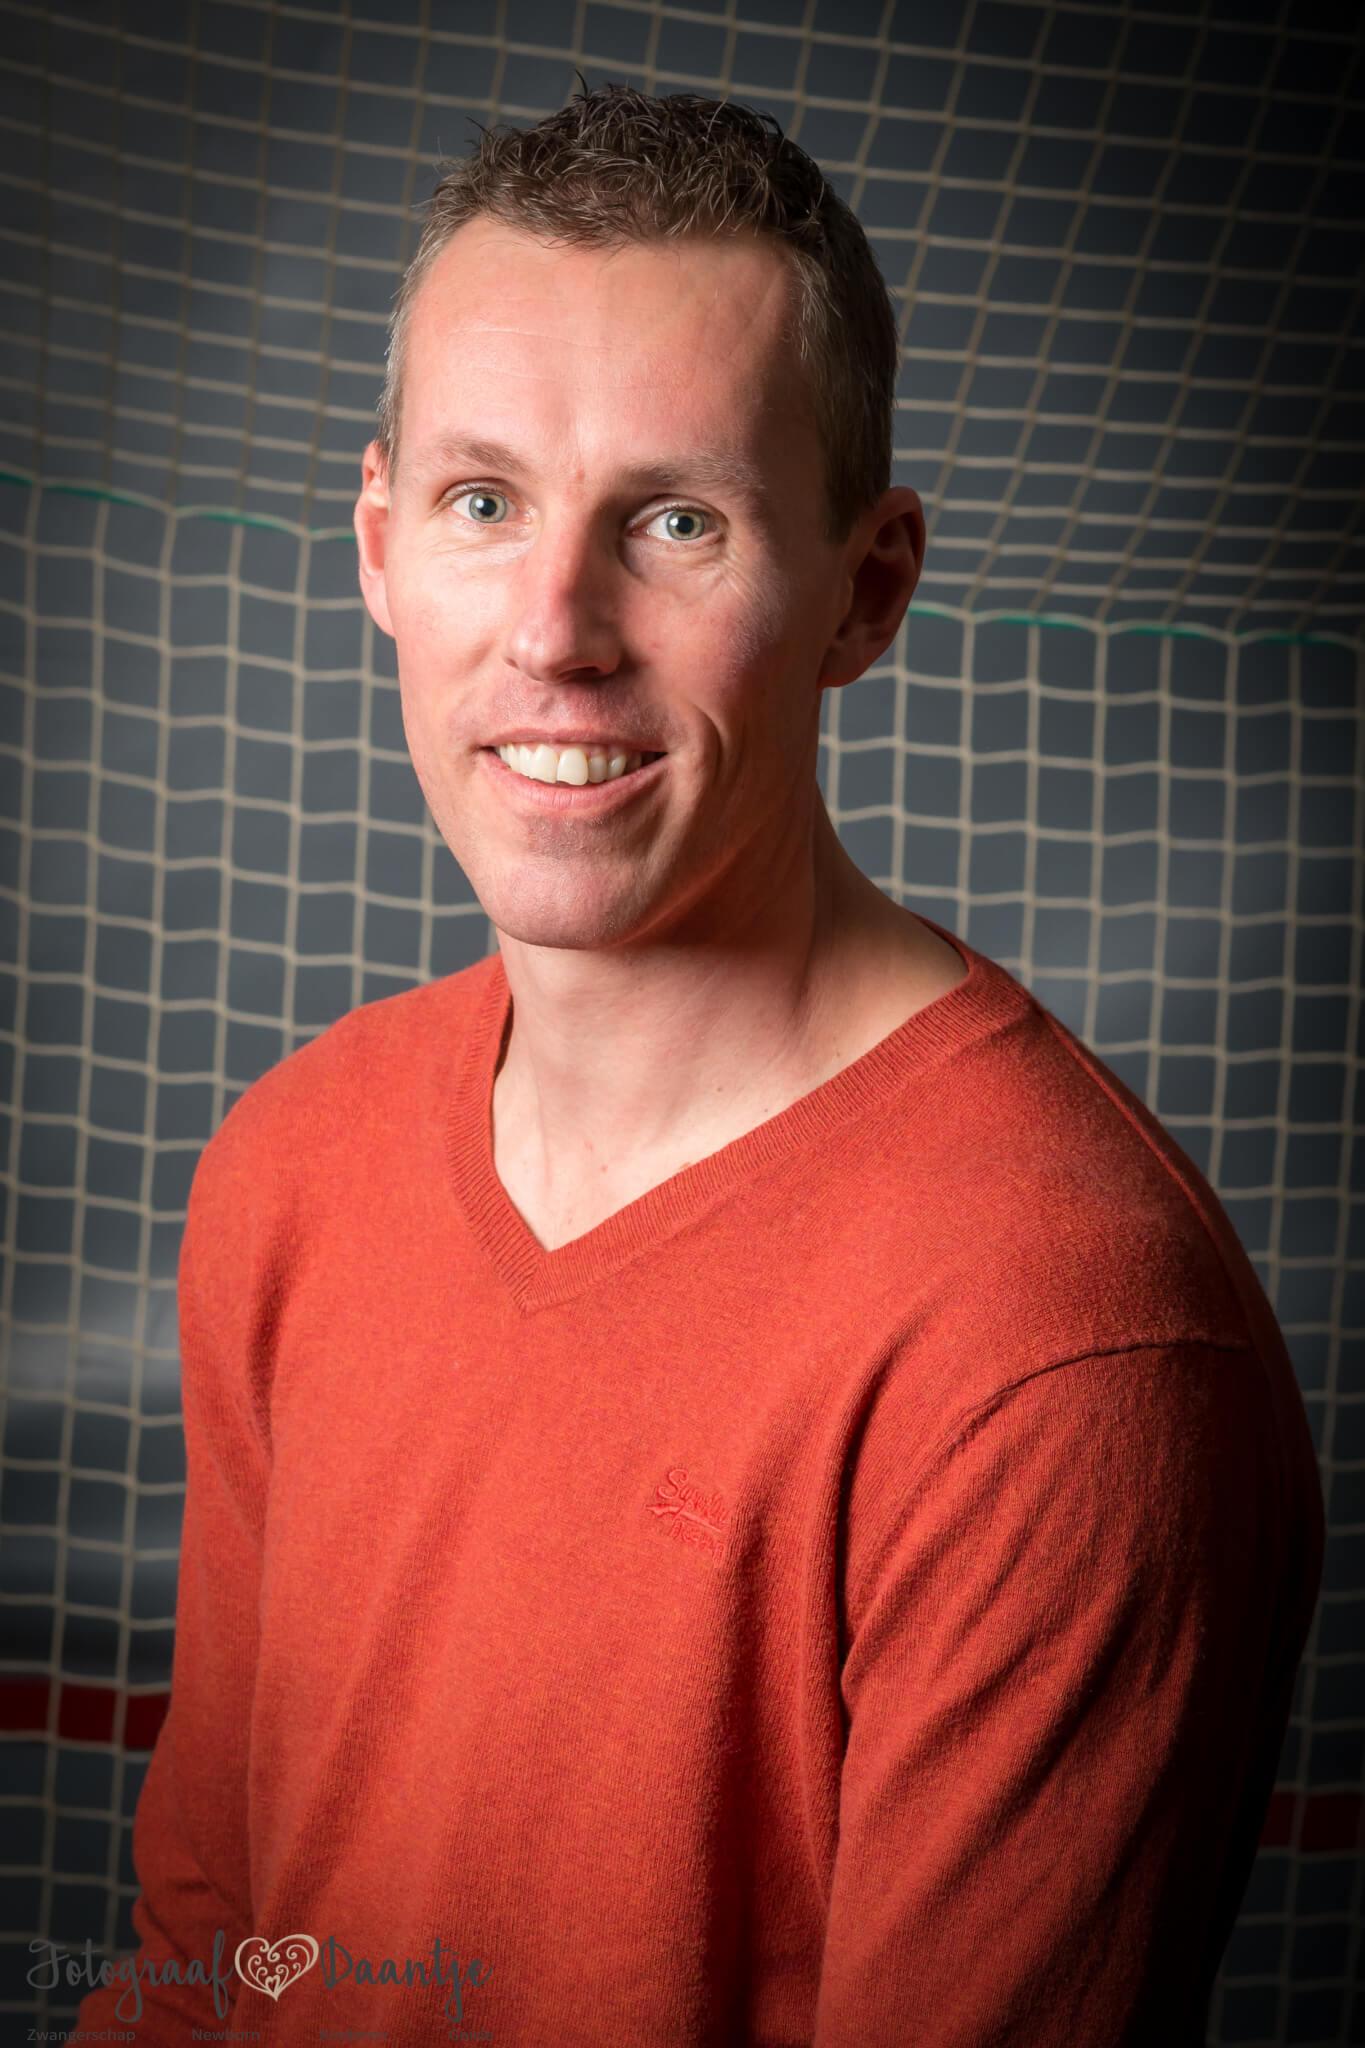 Jan Wellens